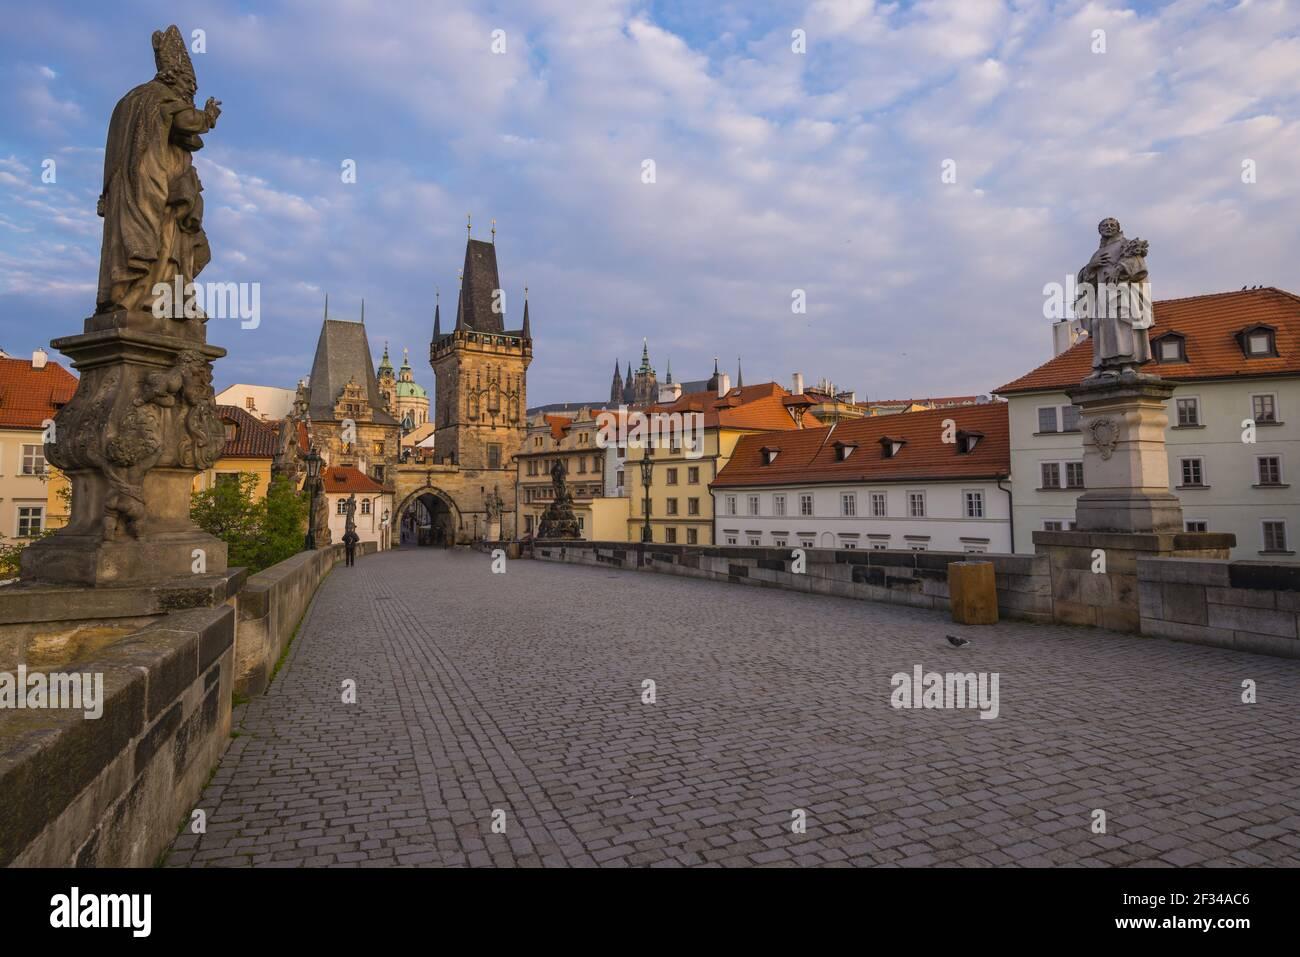 Geografia / viaggio, Czechia, Ponte Carlo, Torre del ponte Kleinseiter, patrimonio culturale mondiale dell'UNESCO, Praga, Repubblica Ceca, libertà di Panorama Foto Stock